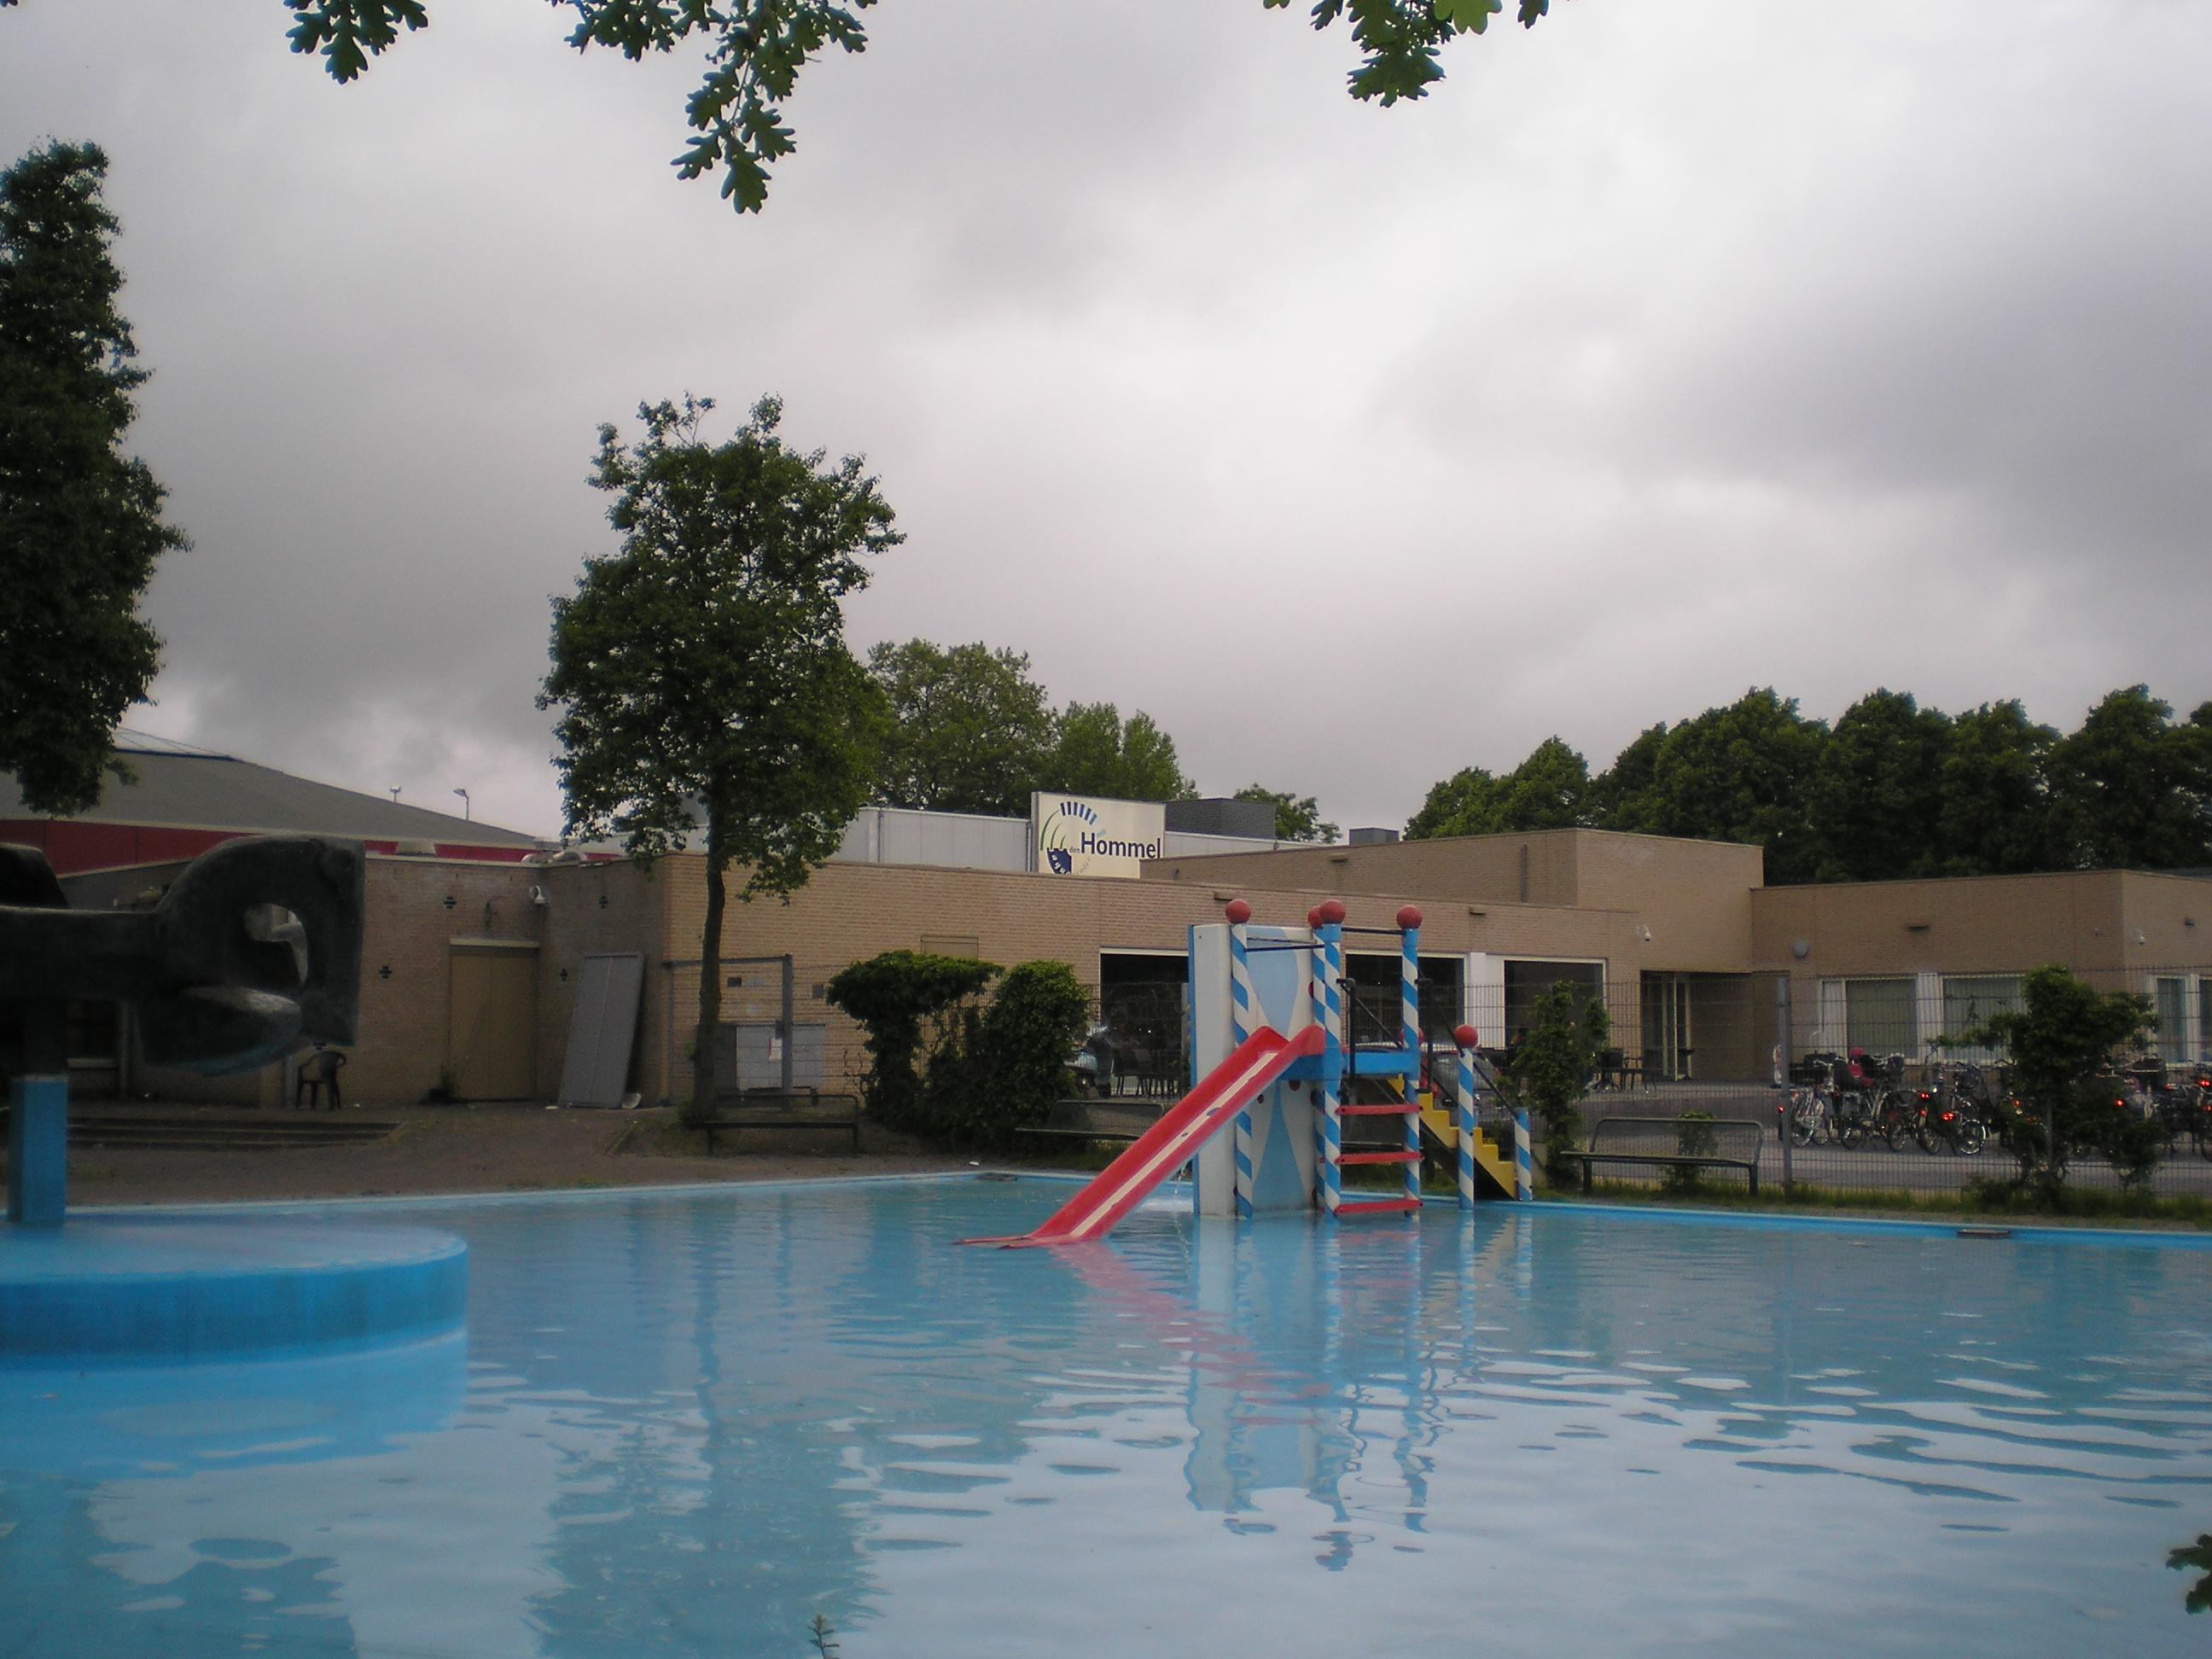 Den Hommel Zwembad.Bestand Zwembad Den Hommel Kennedylaan 5 Utrecht Nederland